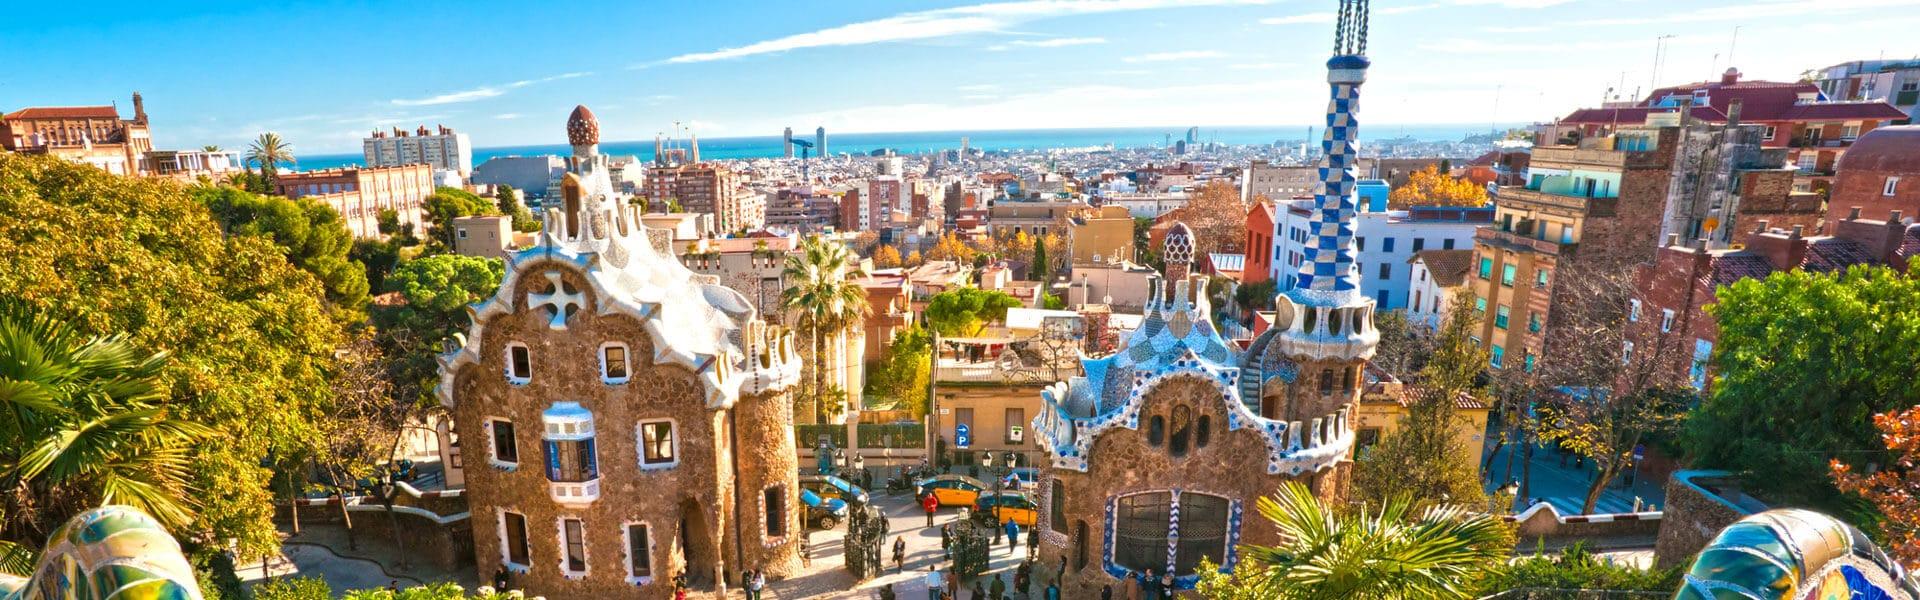 Firmenreise und Städtetrip nach Barcelona, b-ceed